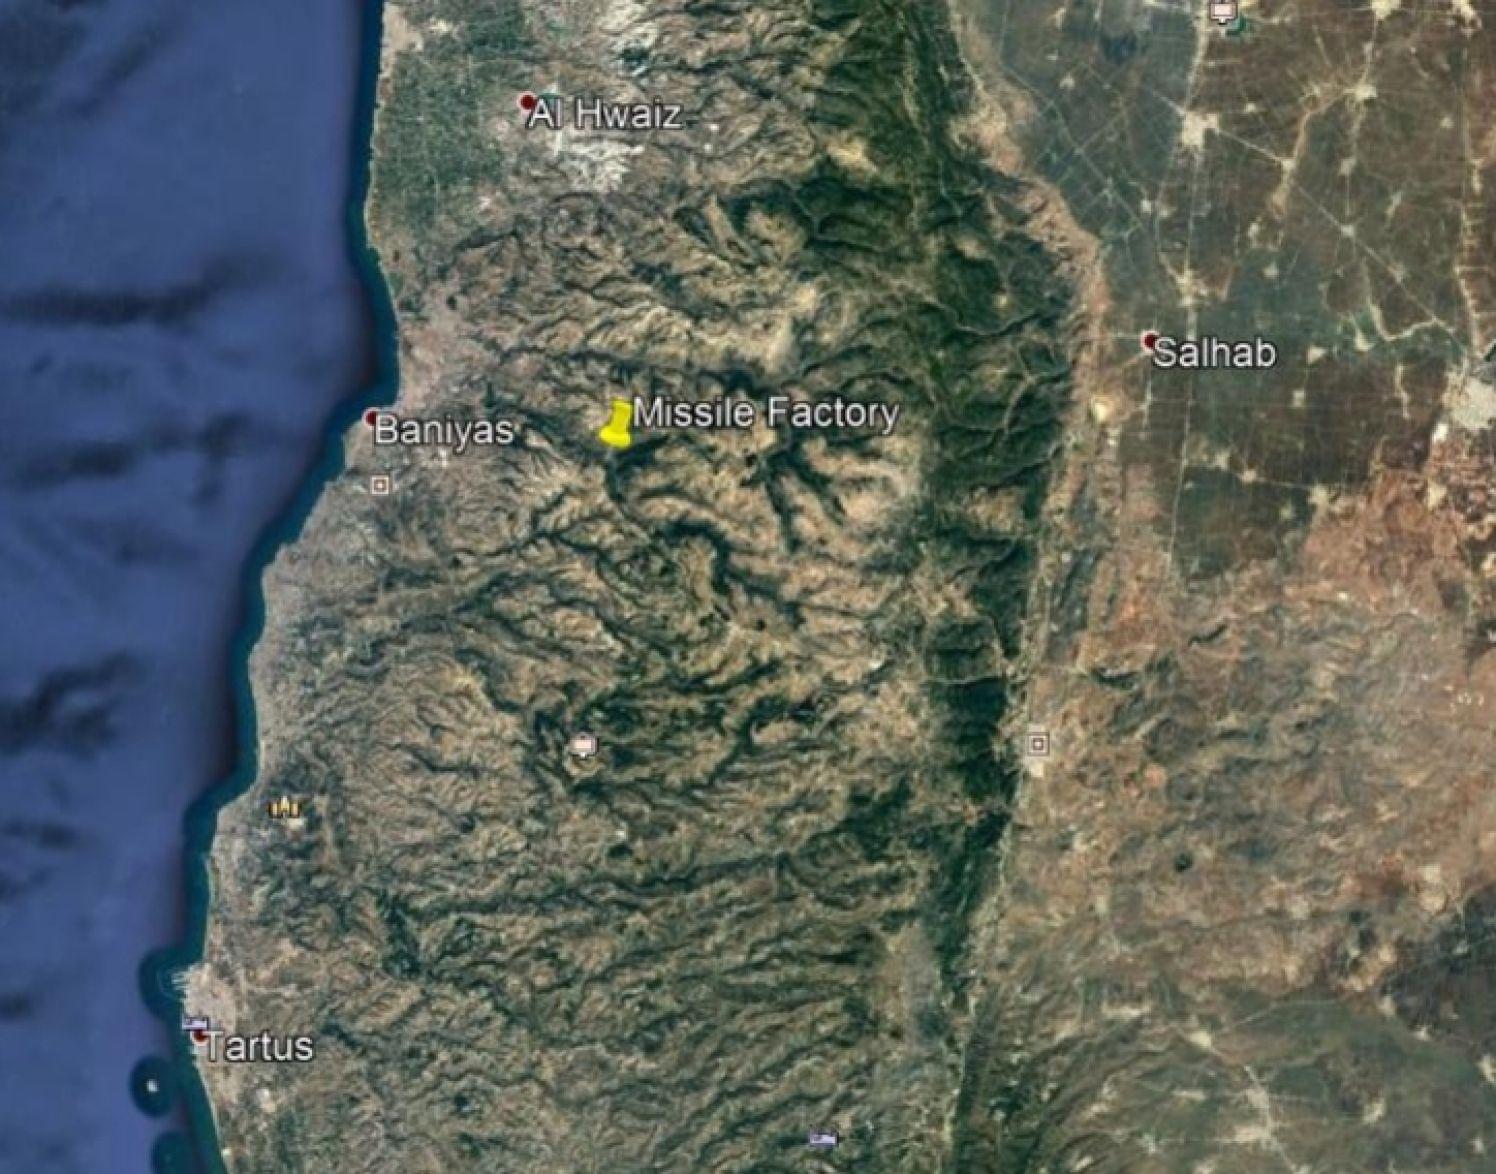 ادعای تلویزیون اسراییل: ساخت کارخانه تولید موشک دوربرد از سوی ایران در سوریه